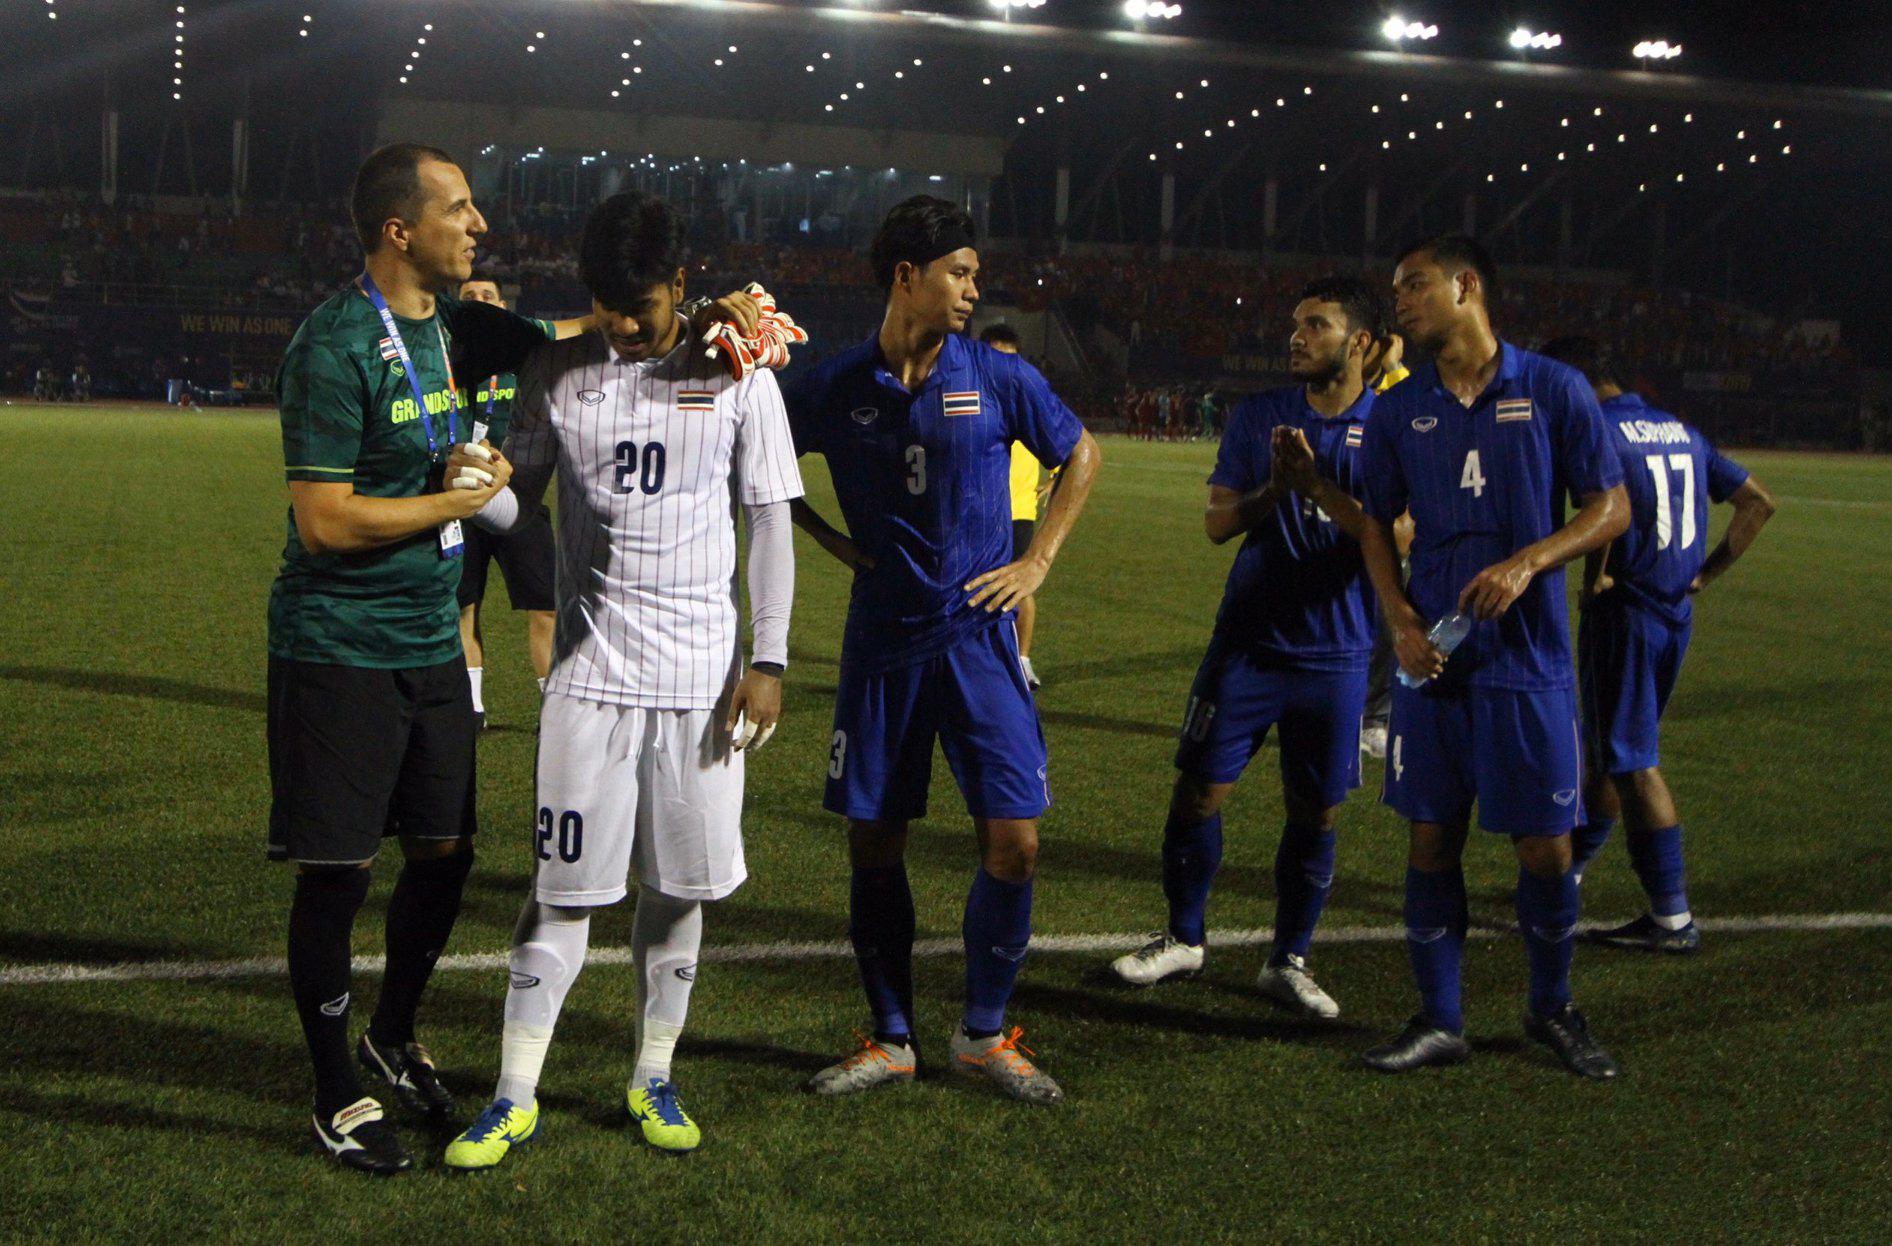 Bị Việt Nam cho về nhà sớm, cầu thủ Thái Lan suy sụp, thất thần, xấu hổ đến mức không dám nhìn các cổ động viên - Ảnh 9.